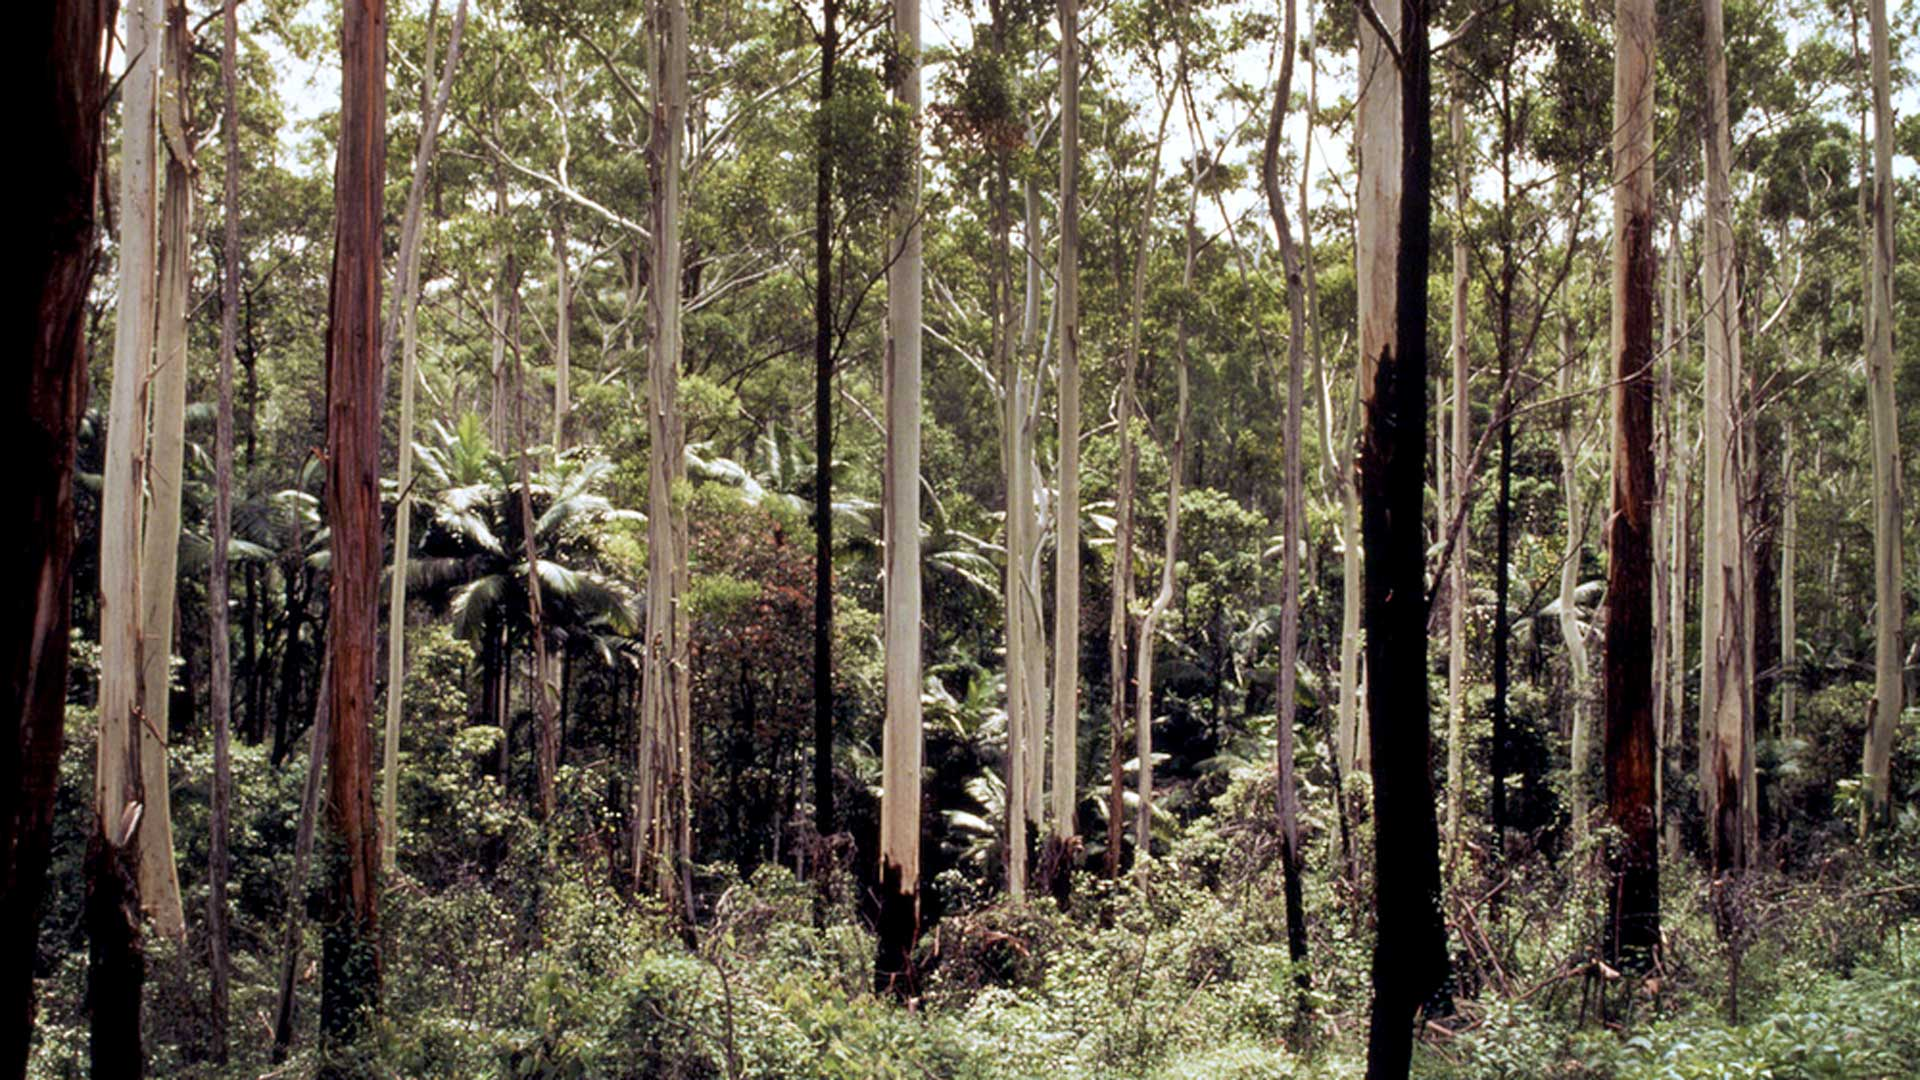 Eukalyptus gehört zu den am häufigsten gepflanzten Baumarten. © Michèle Dépraz / WWF